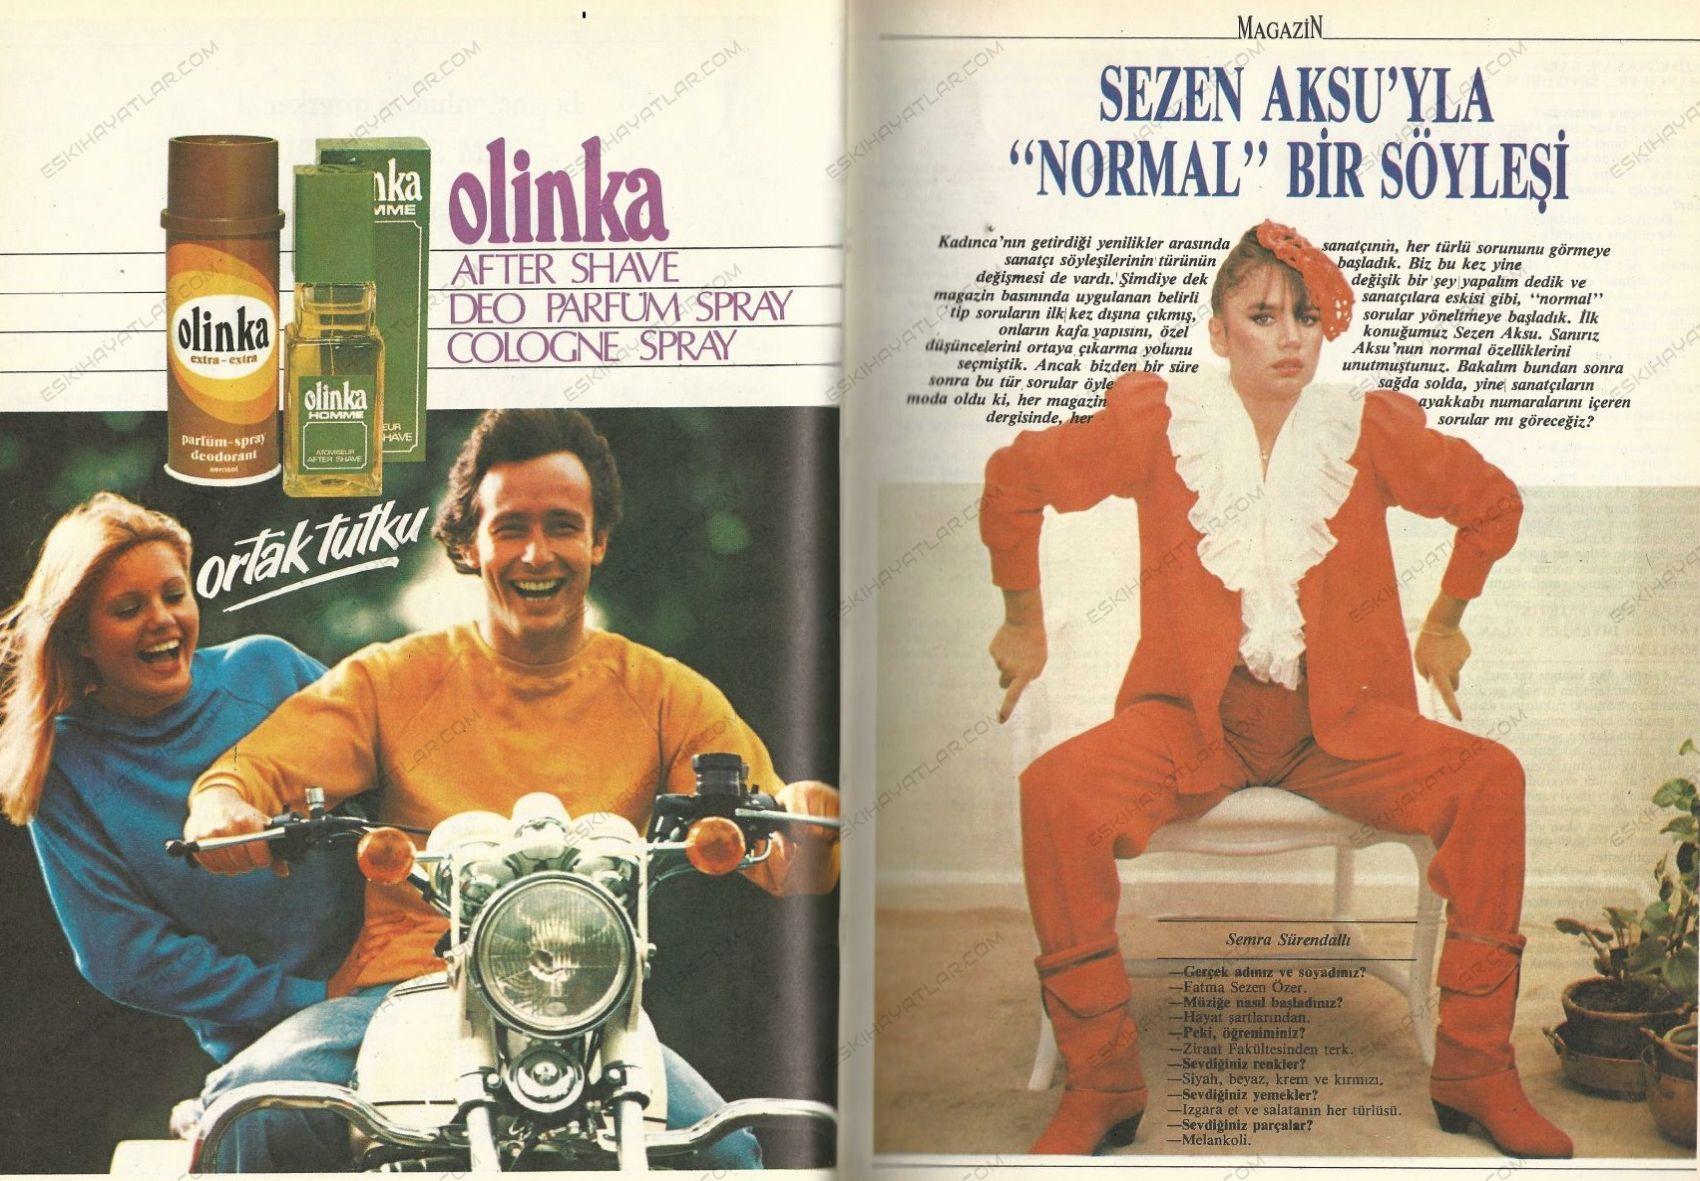 0365-sezen-aksu-ile-normal-bir-soylesi-1982-kadinca-dergisi (3)